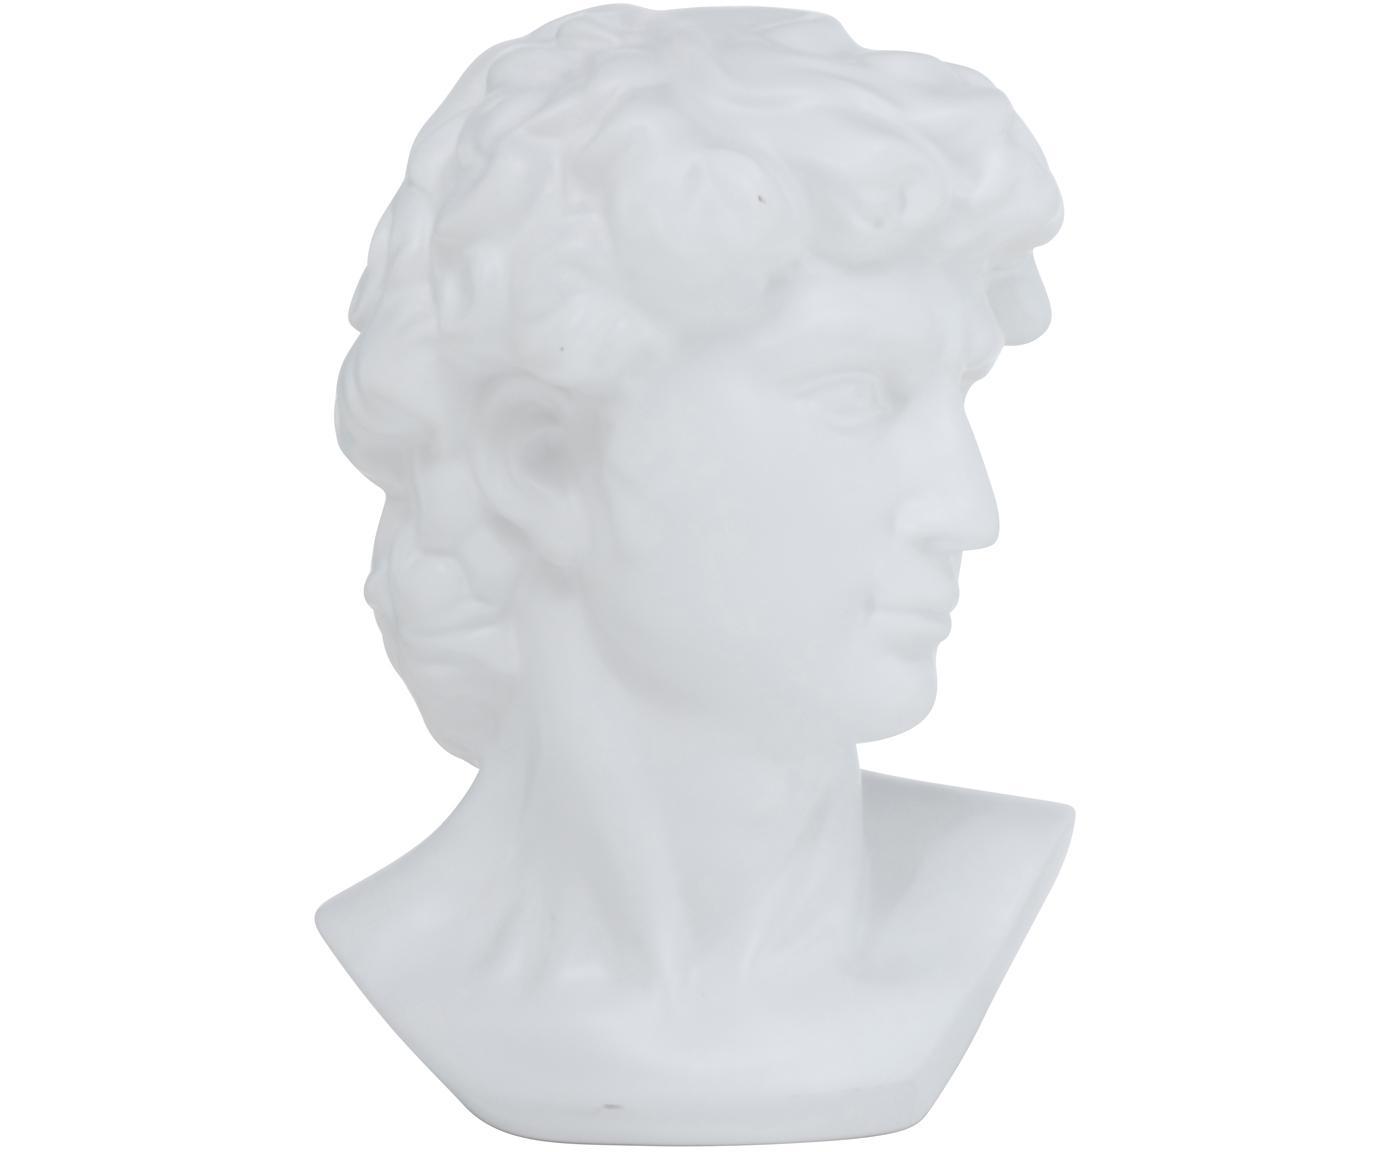 Deko-Objekte Ludovico, Steingut, Weiß, 20 x 29 cm